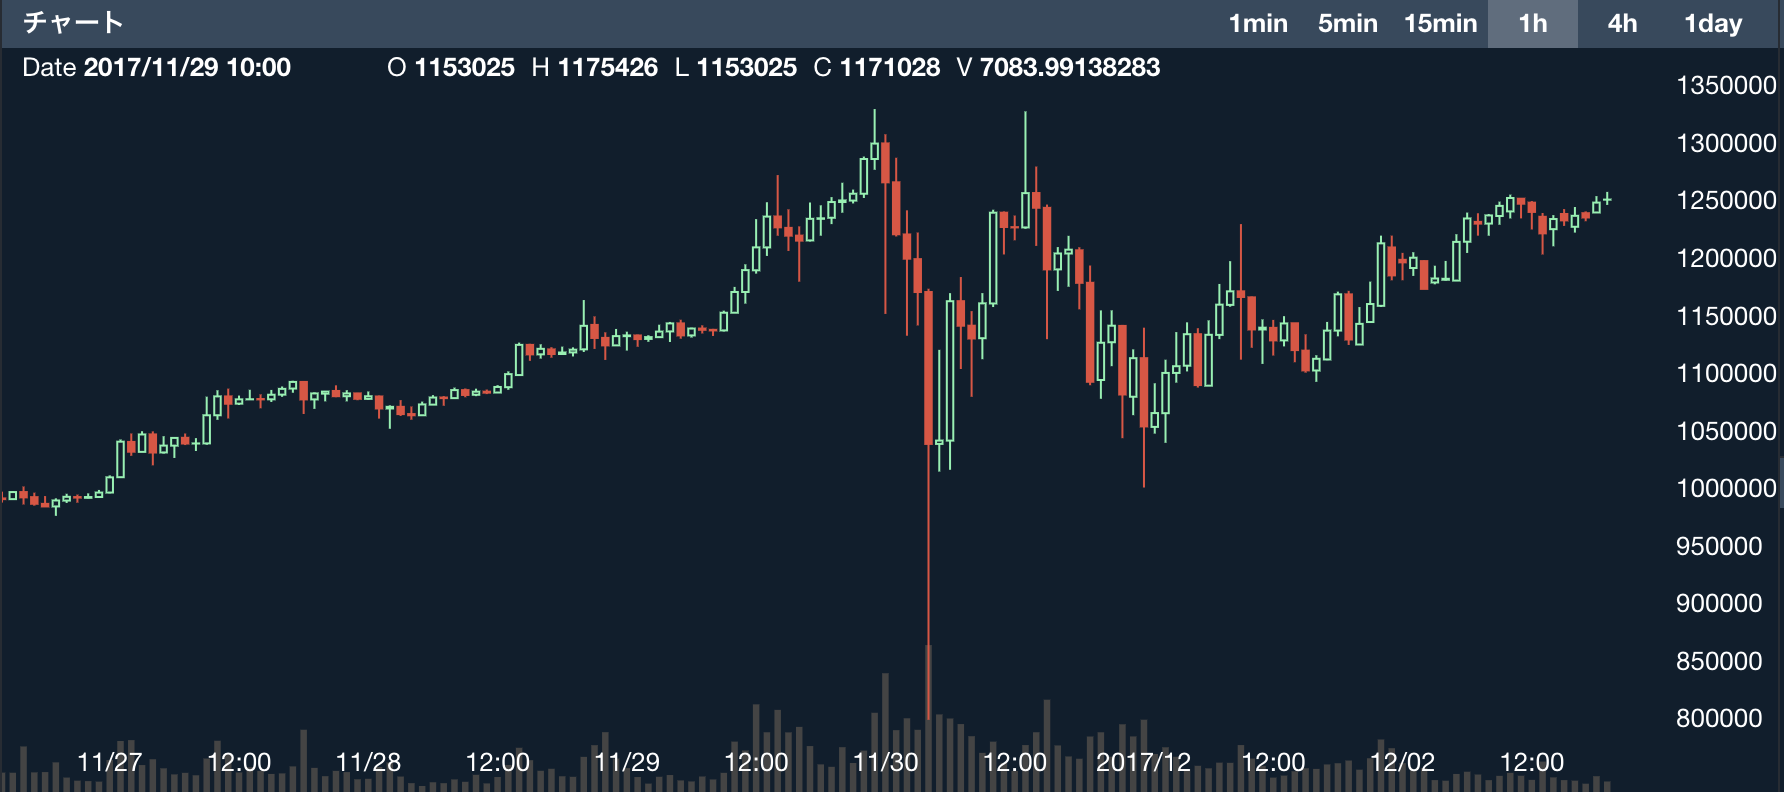 仮想通貨ビットコイン投信プレミアムの縮小・ボラティリティ低下などに注目=ブルームバーグの7月レポート